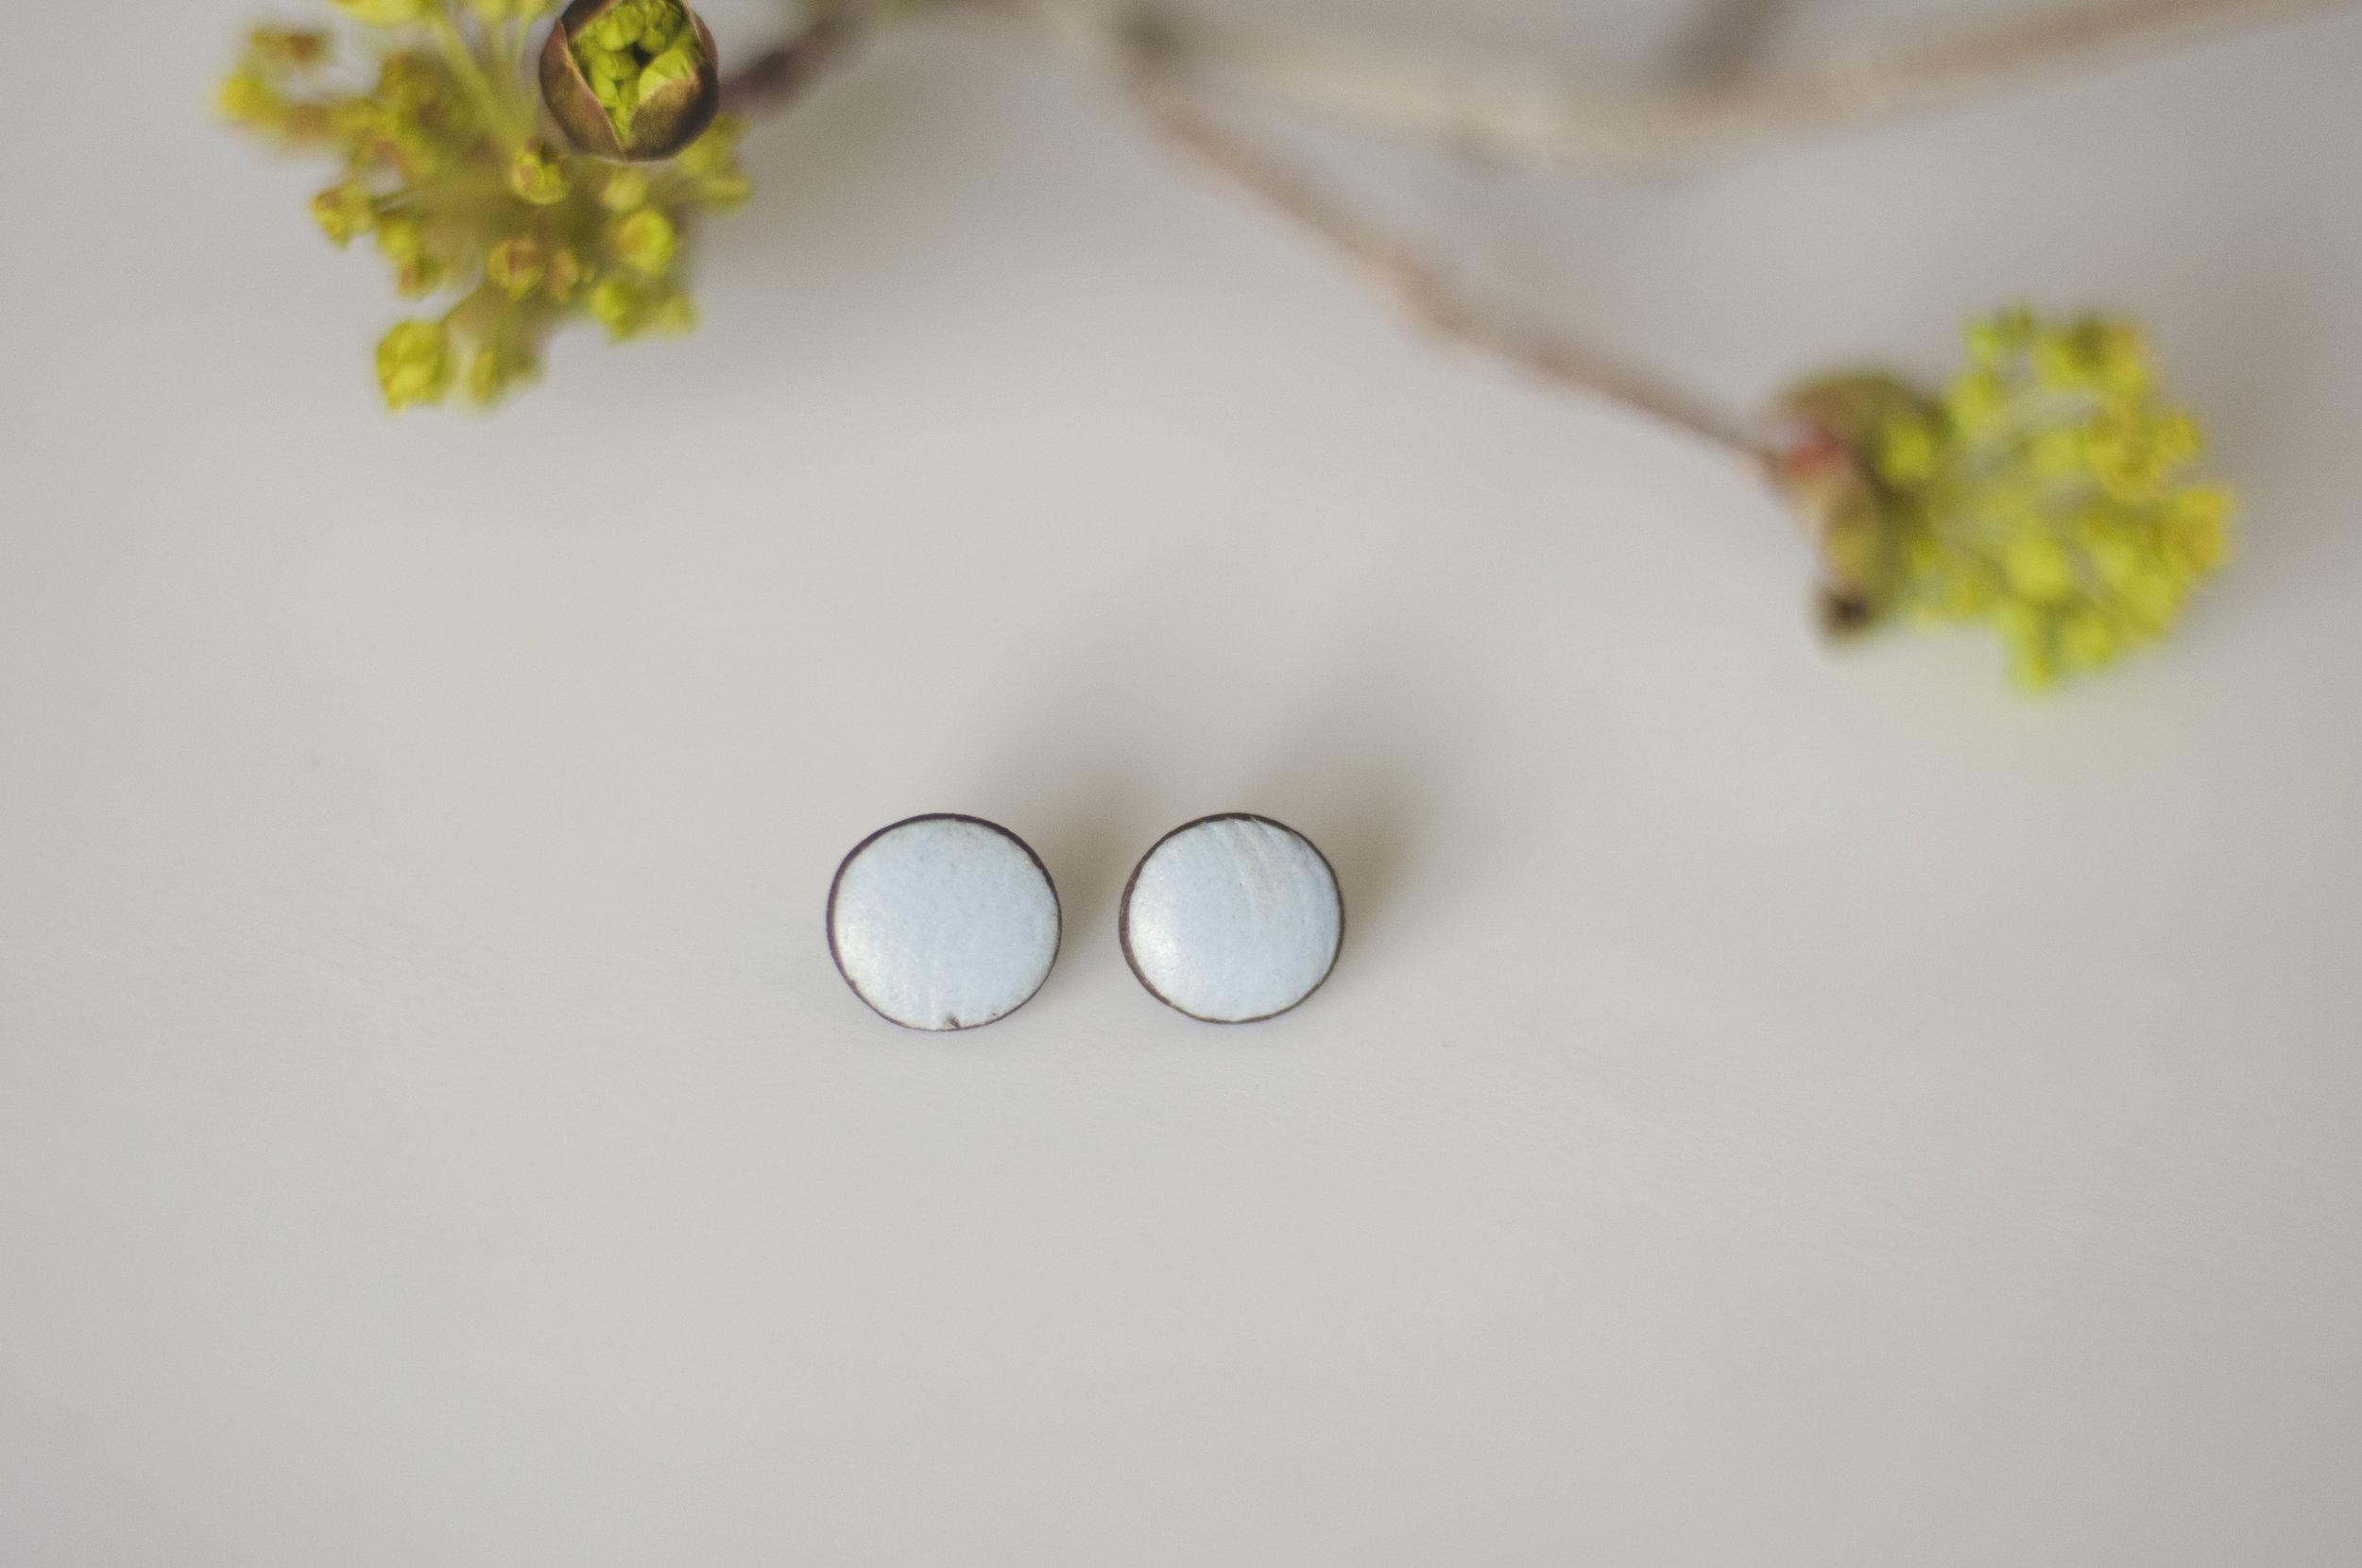 flat lay earrings batch 3 2019 022.jpg